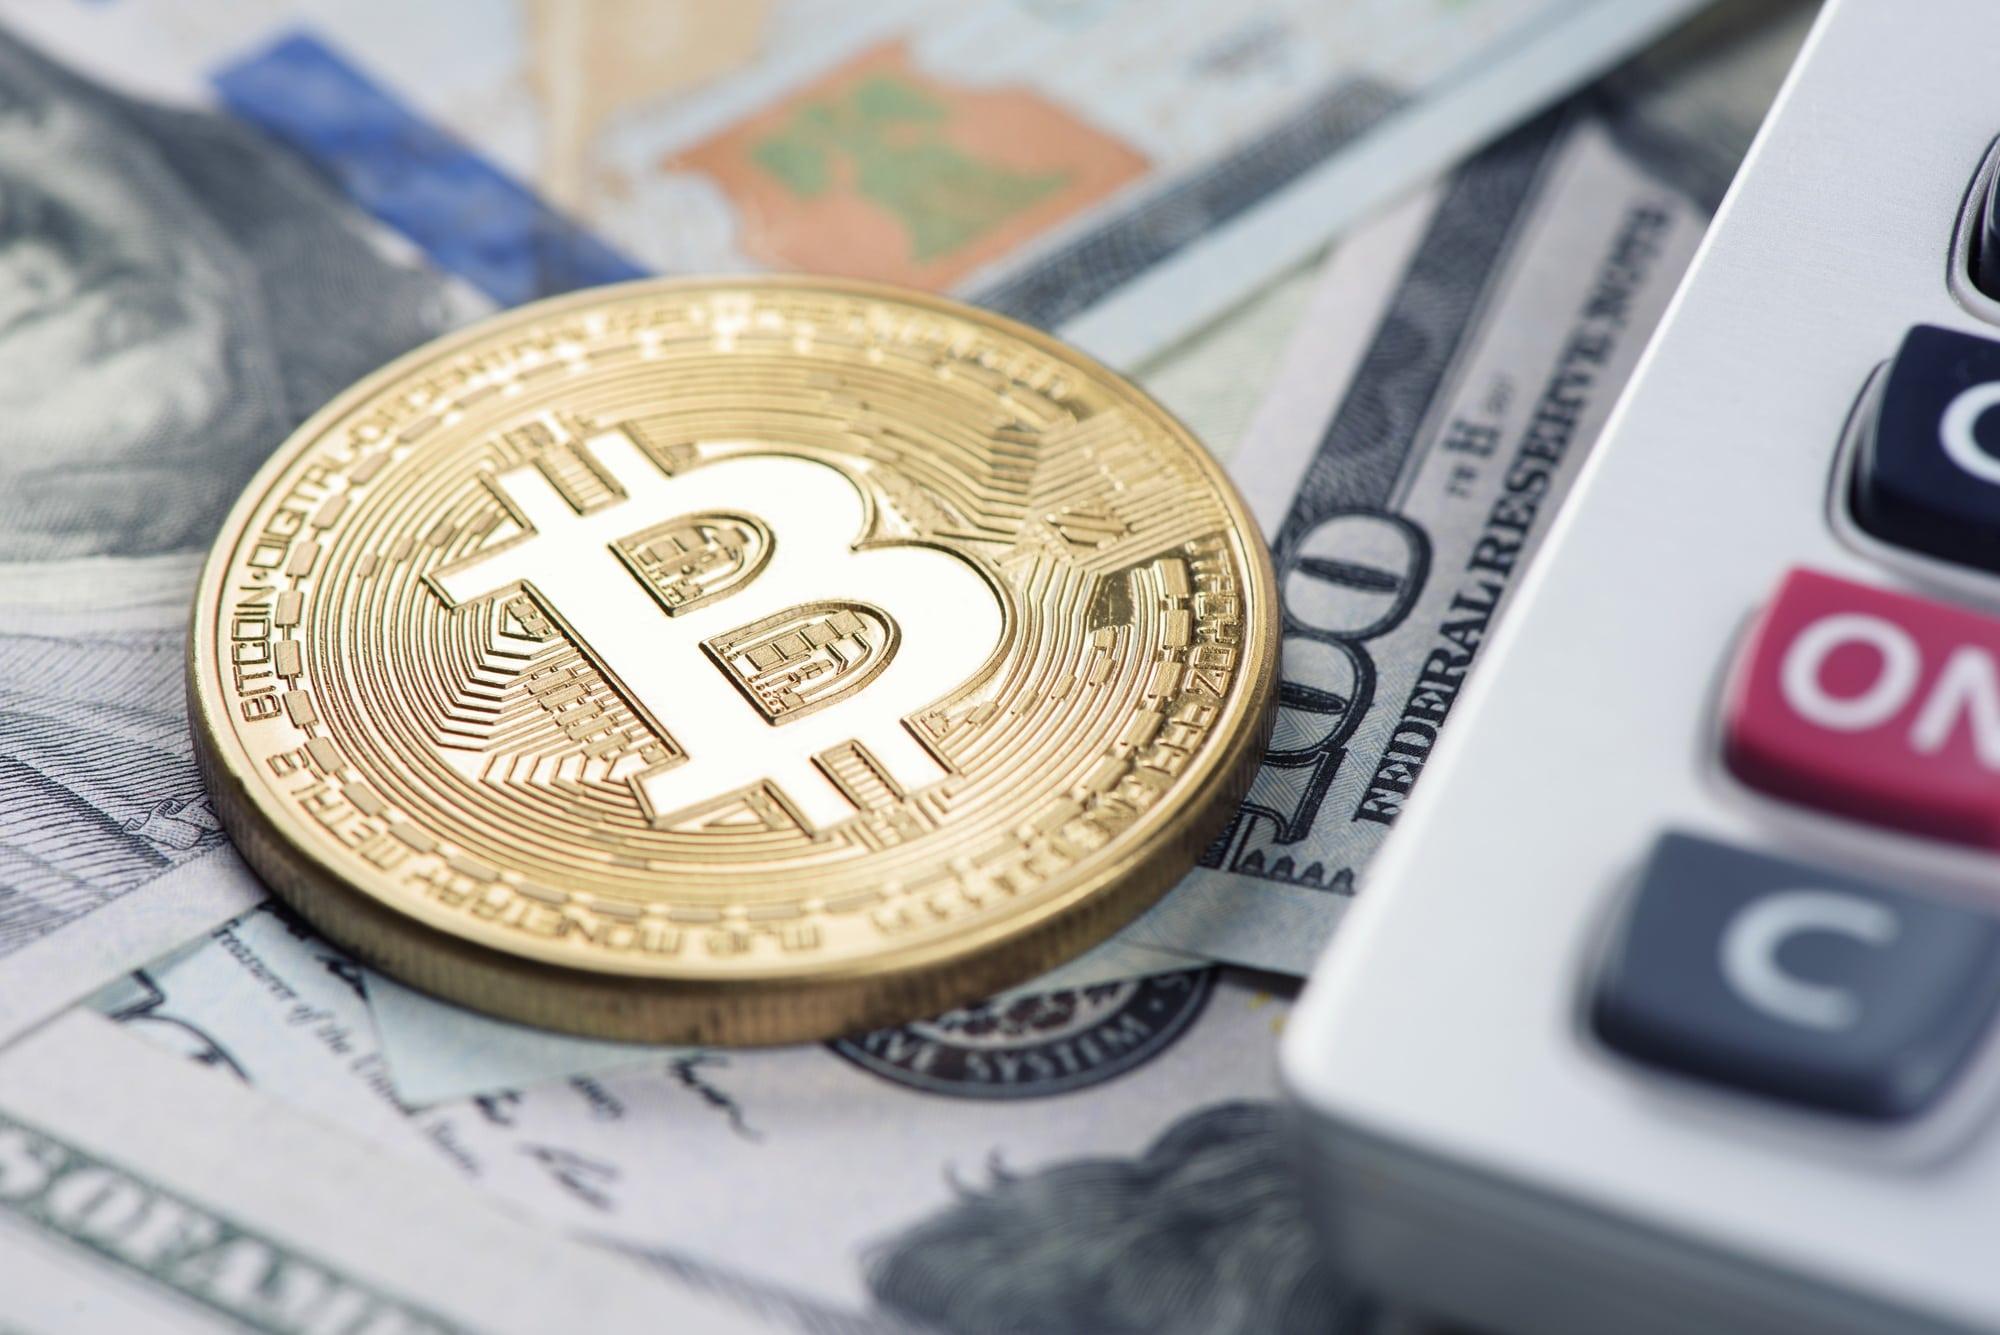 bitcoin 23 000 dolari asarken bitcoin opsiyonlarinin gunluk islem hacmi rekor kirdi